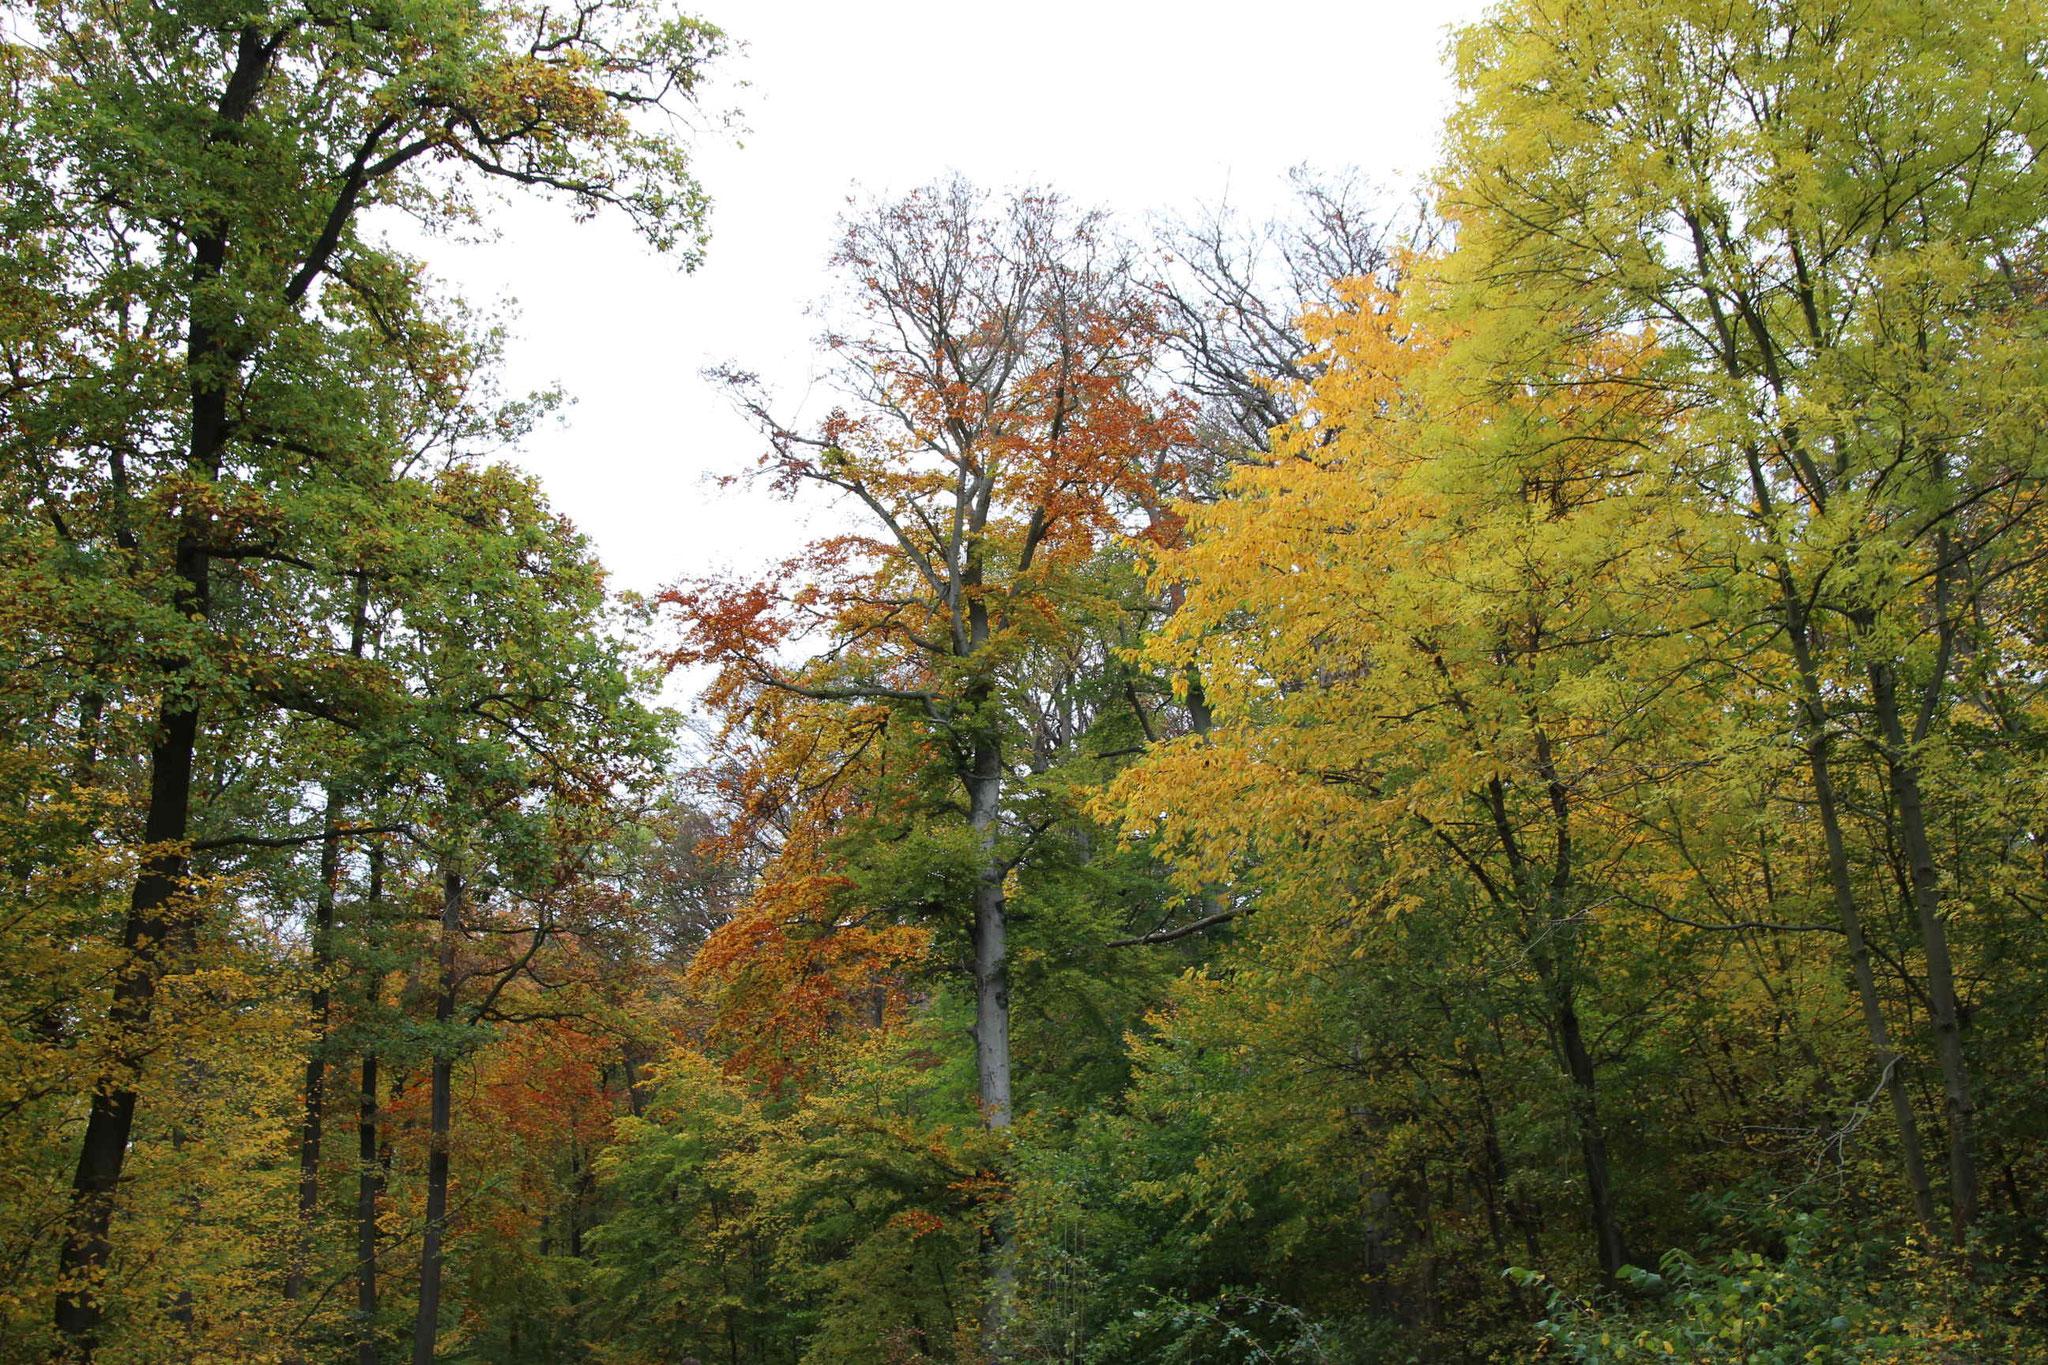 Bäume im herbstlichen Laub